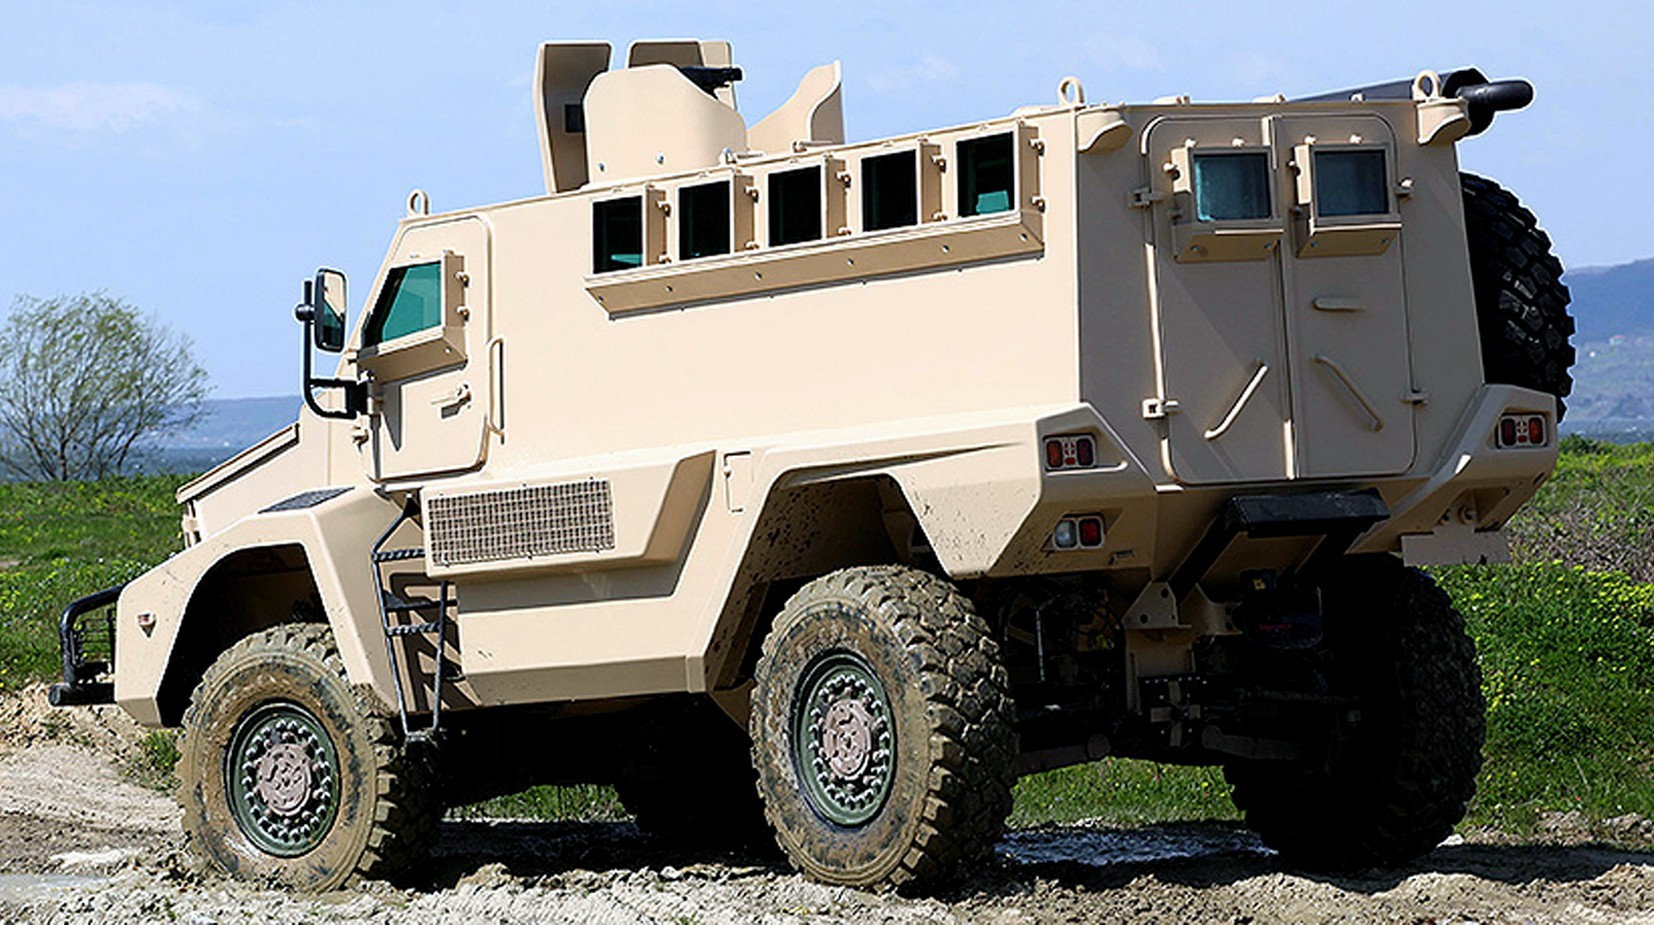 Машина Kale с защитой MRAP и всеми пуленепробиваемыми стеклами